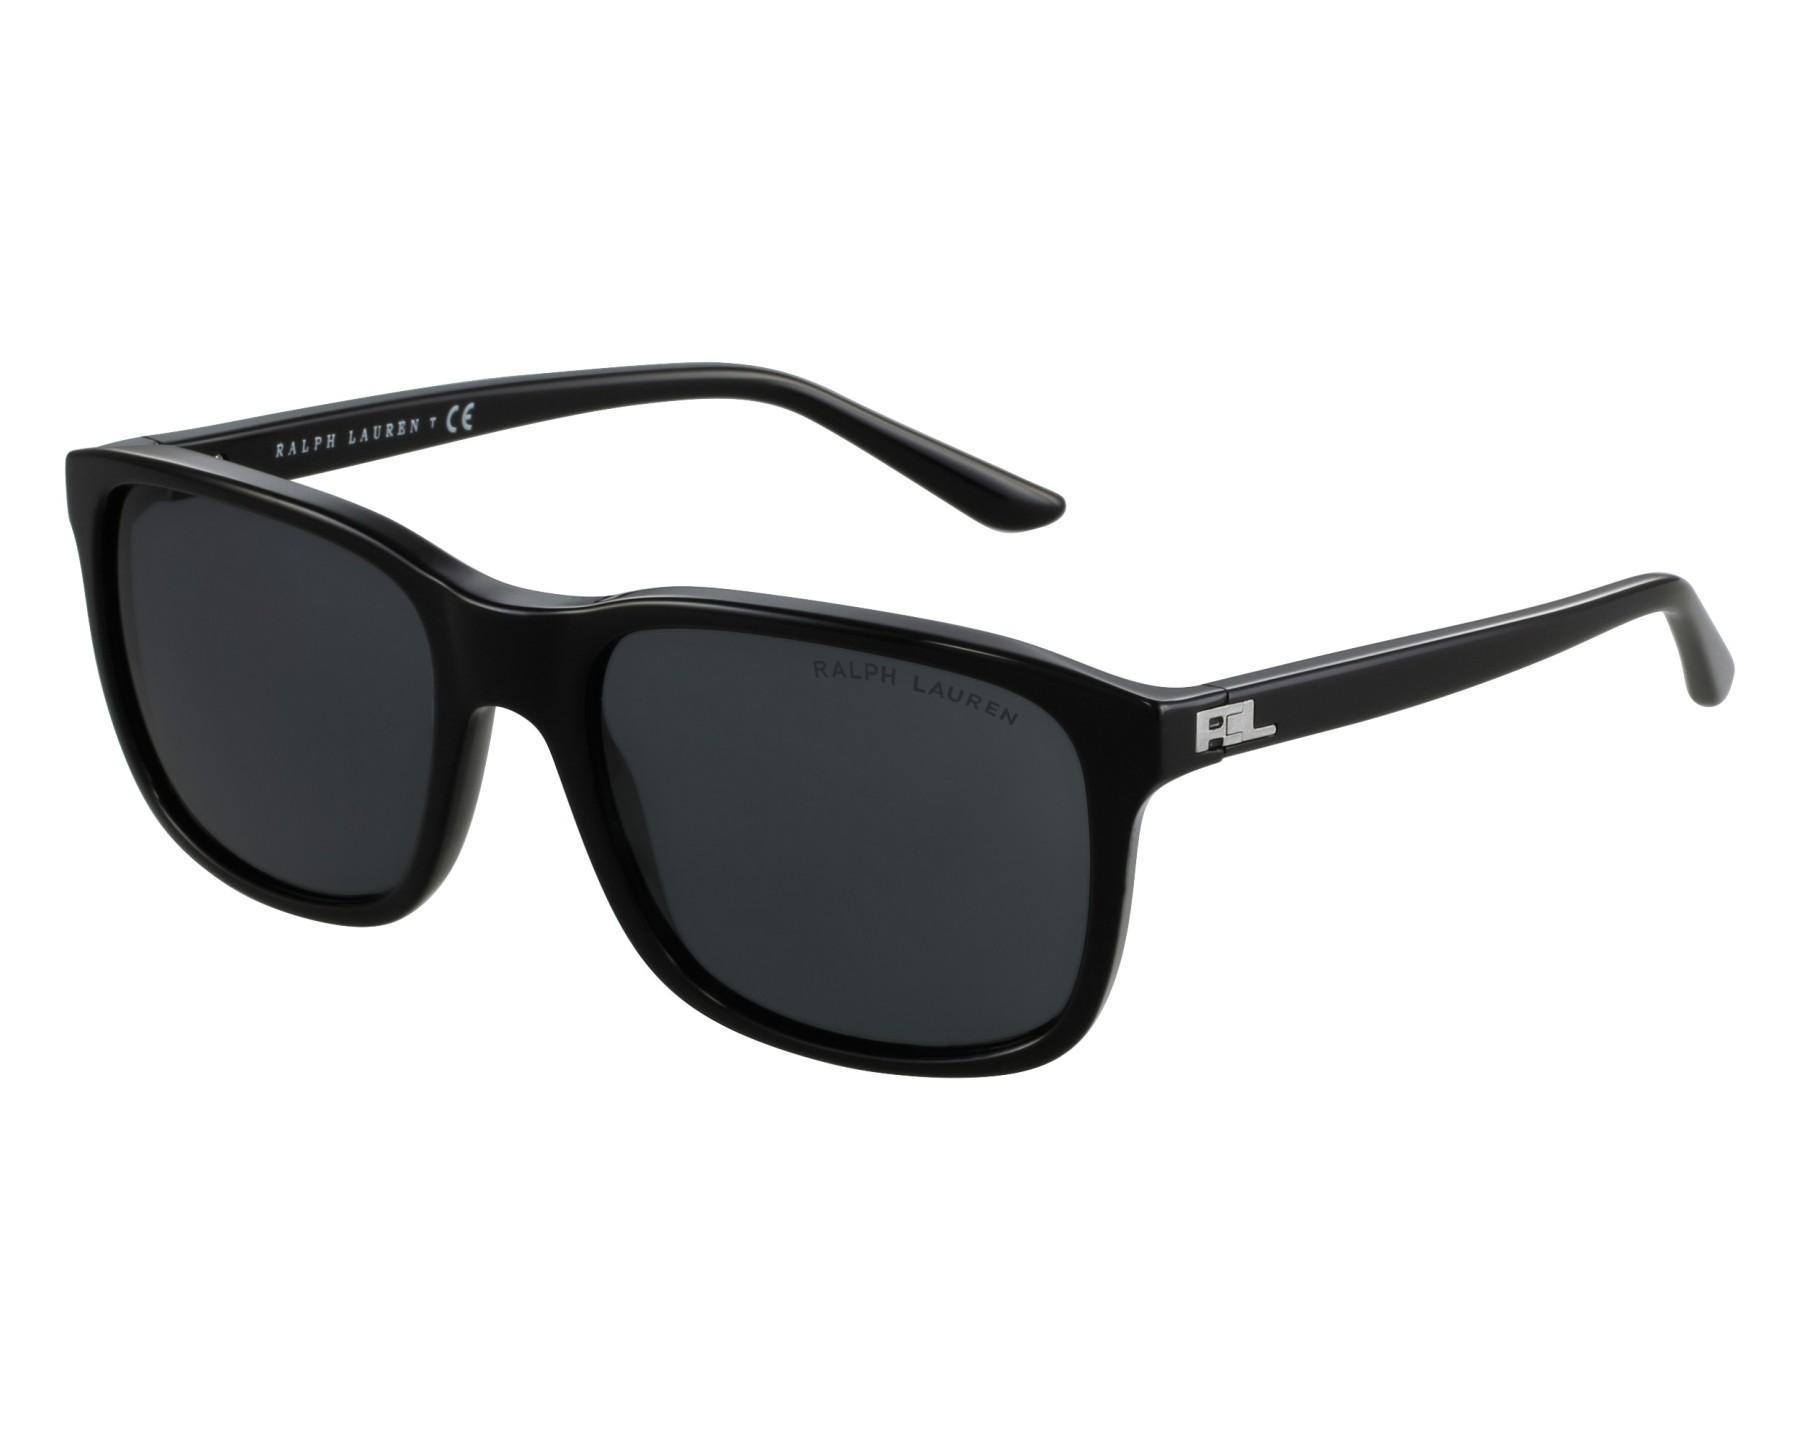 Ralph Lauren RL 8142 5001/87 Sonnenbrille UAEcVaL6